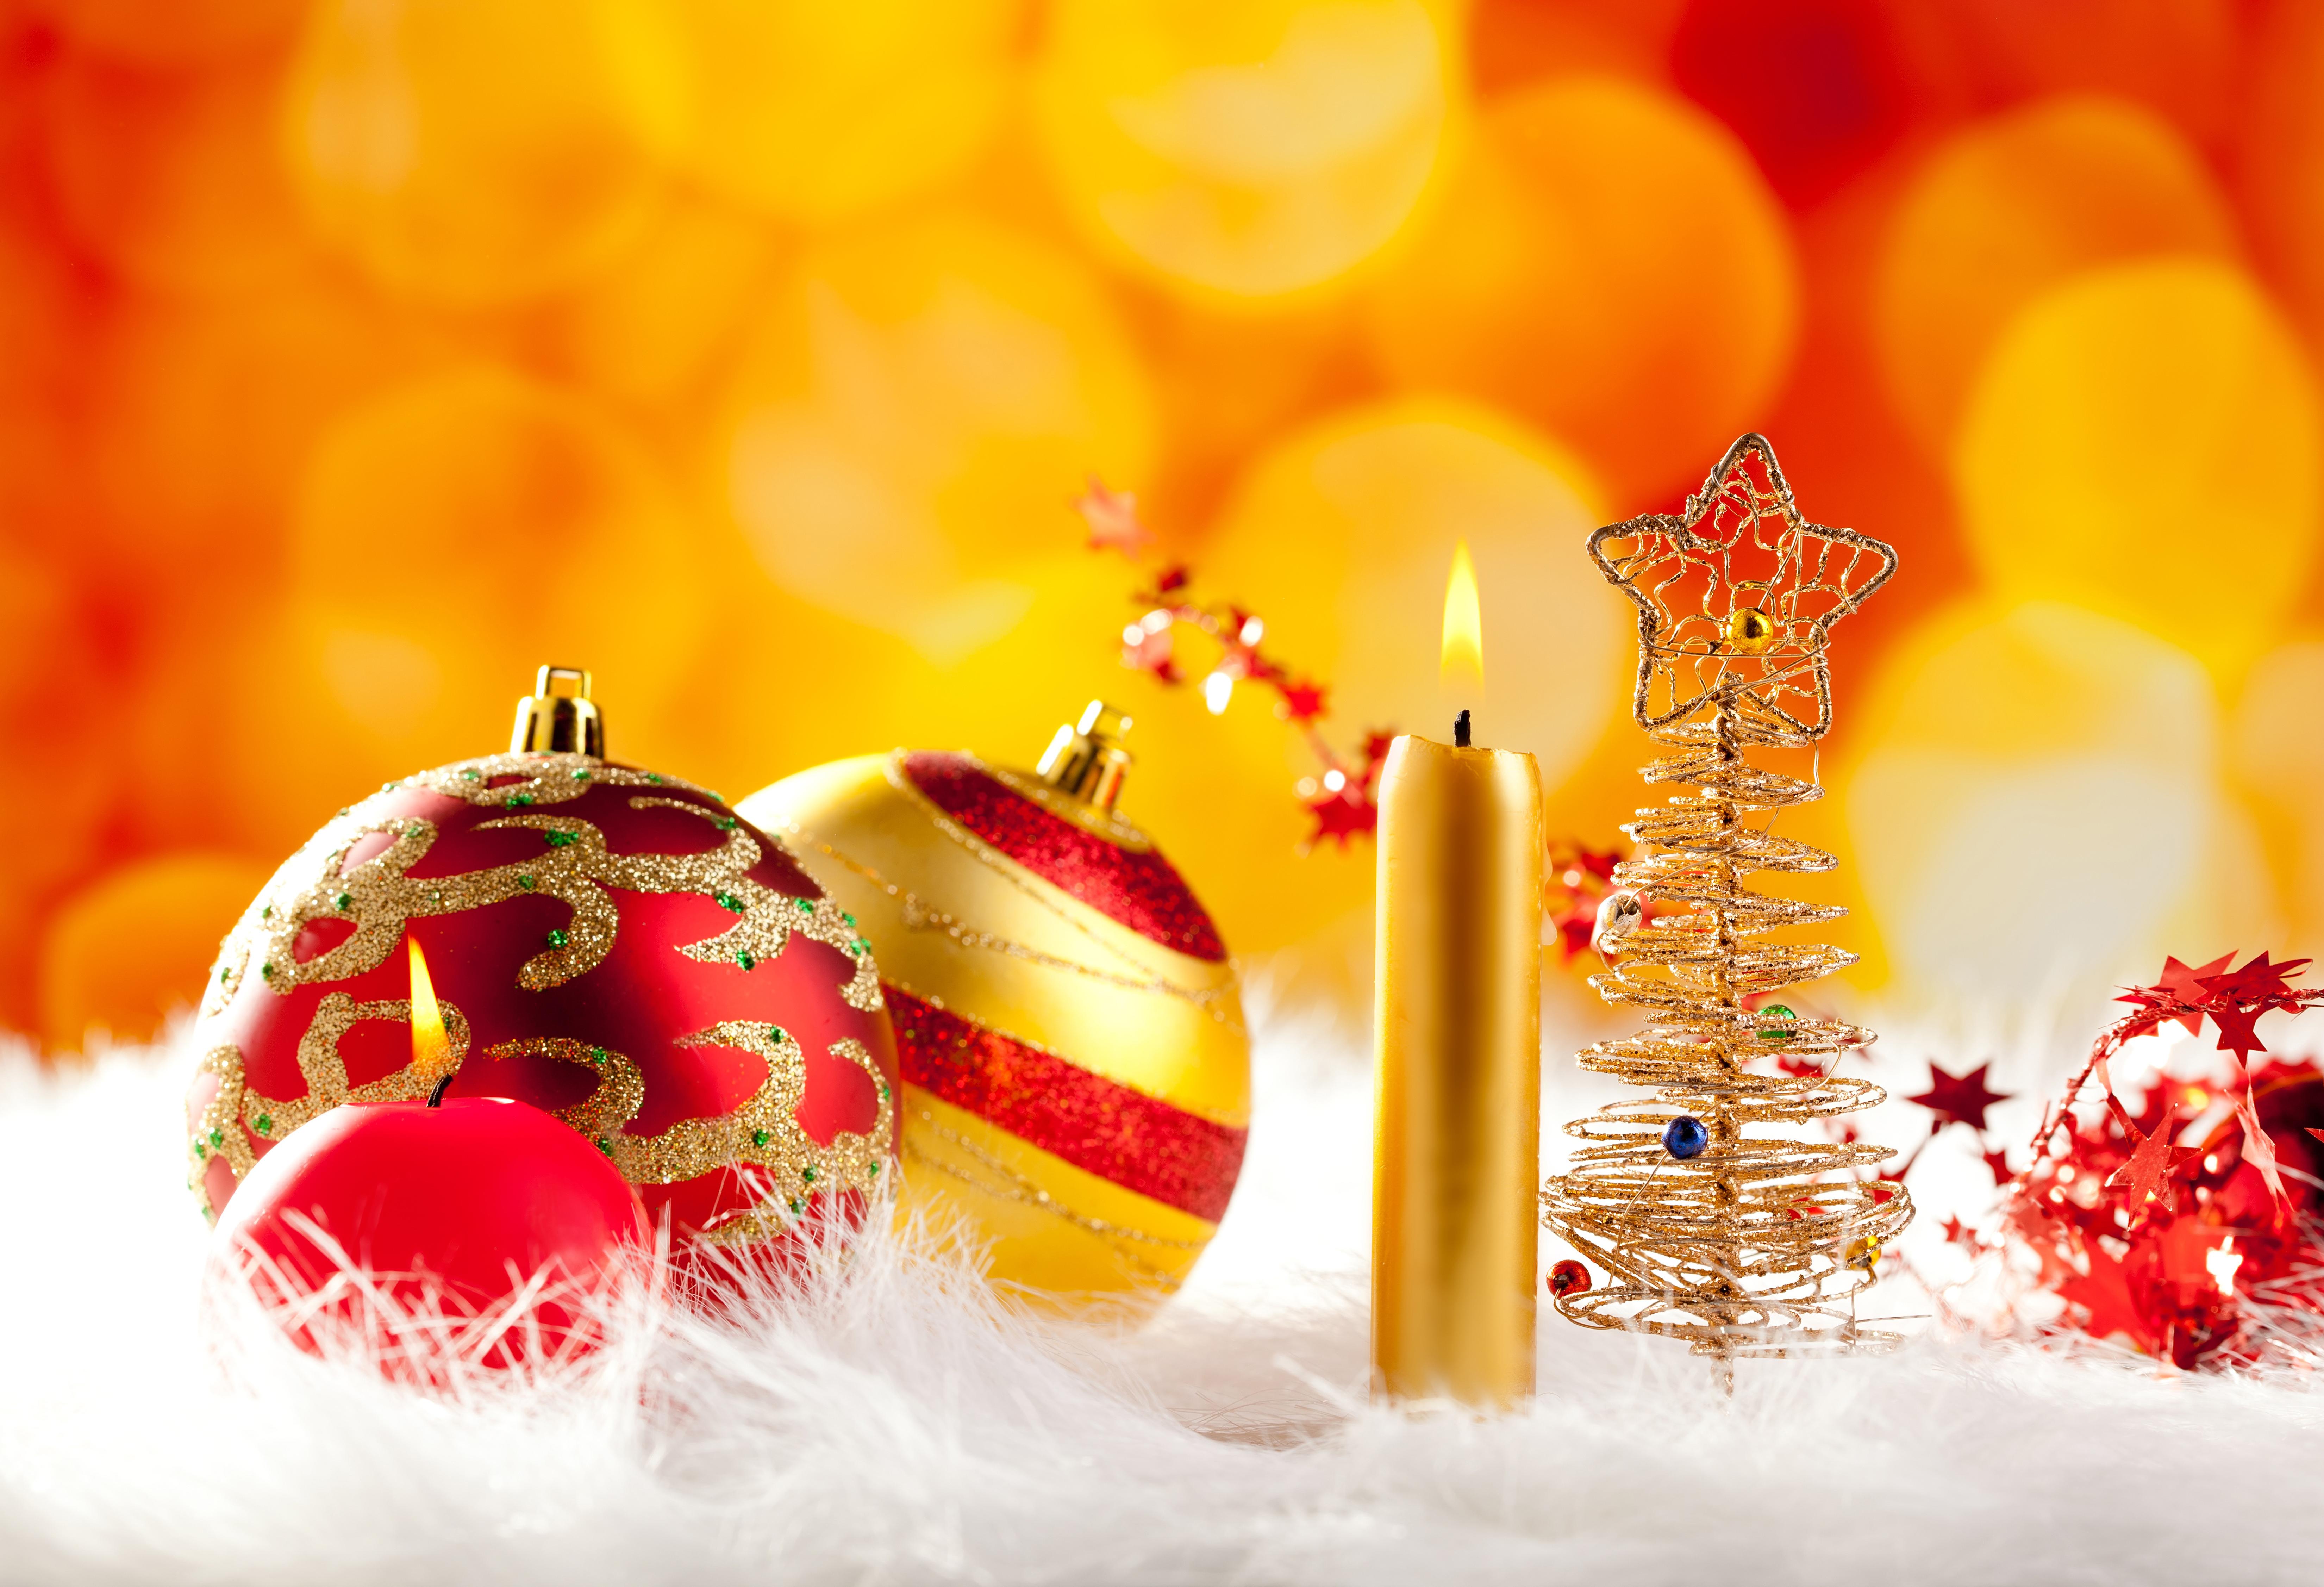 Arreglos De La Navidad Ultra Hd Wallpapers Fondos De: Christmas Gift 5k Retina Ultra HD Wallpaper And